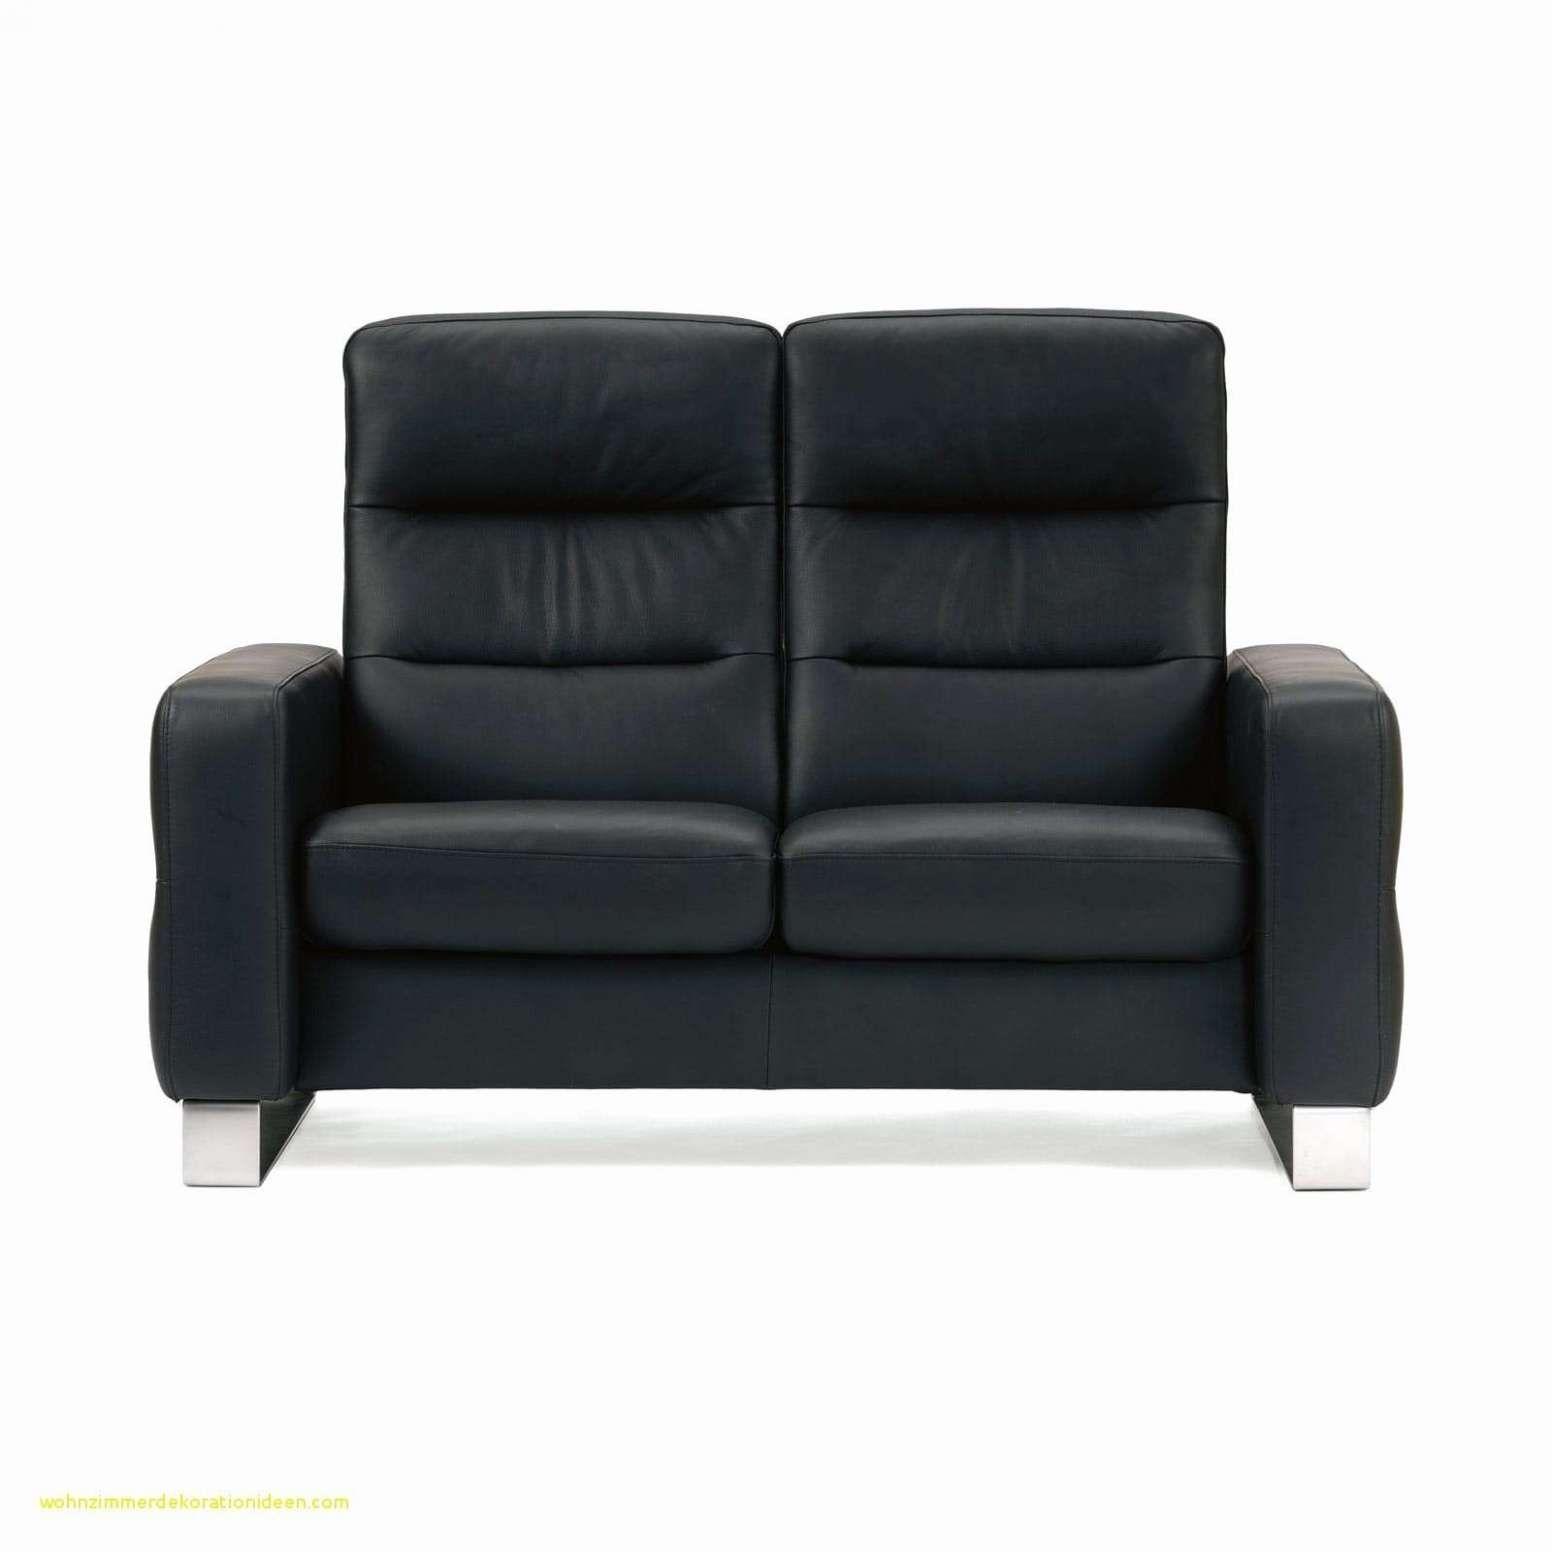 Ecksofa Kaufen Gunstig Sofa Relaxfunktion Gunstig Yct Projekte Beste Ecksofa Kaufen Gunstig Inspiration Gunsti In 2020 Modern Couch Sofa Sale Wicker Storage Ottoman